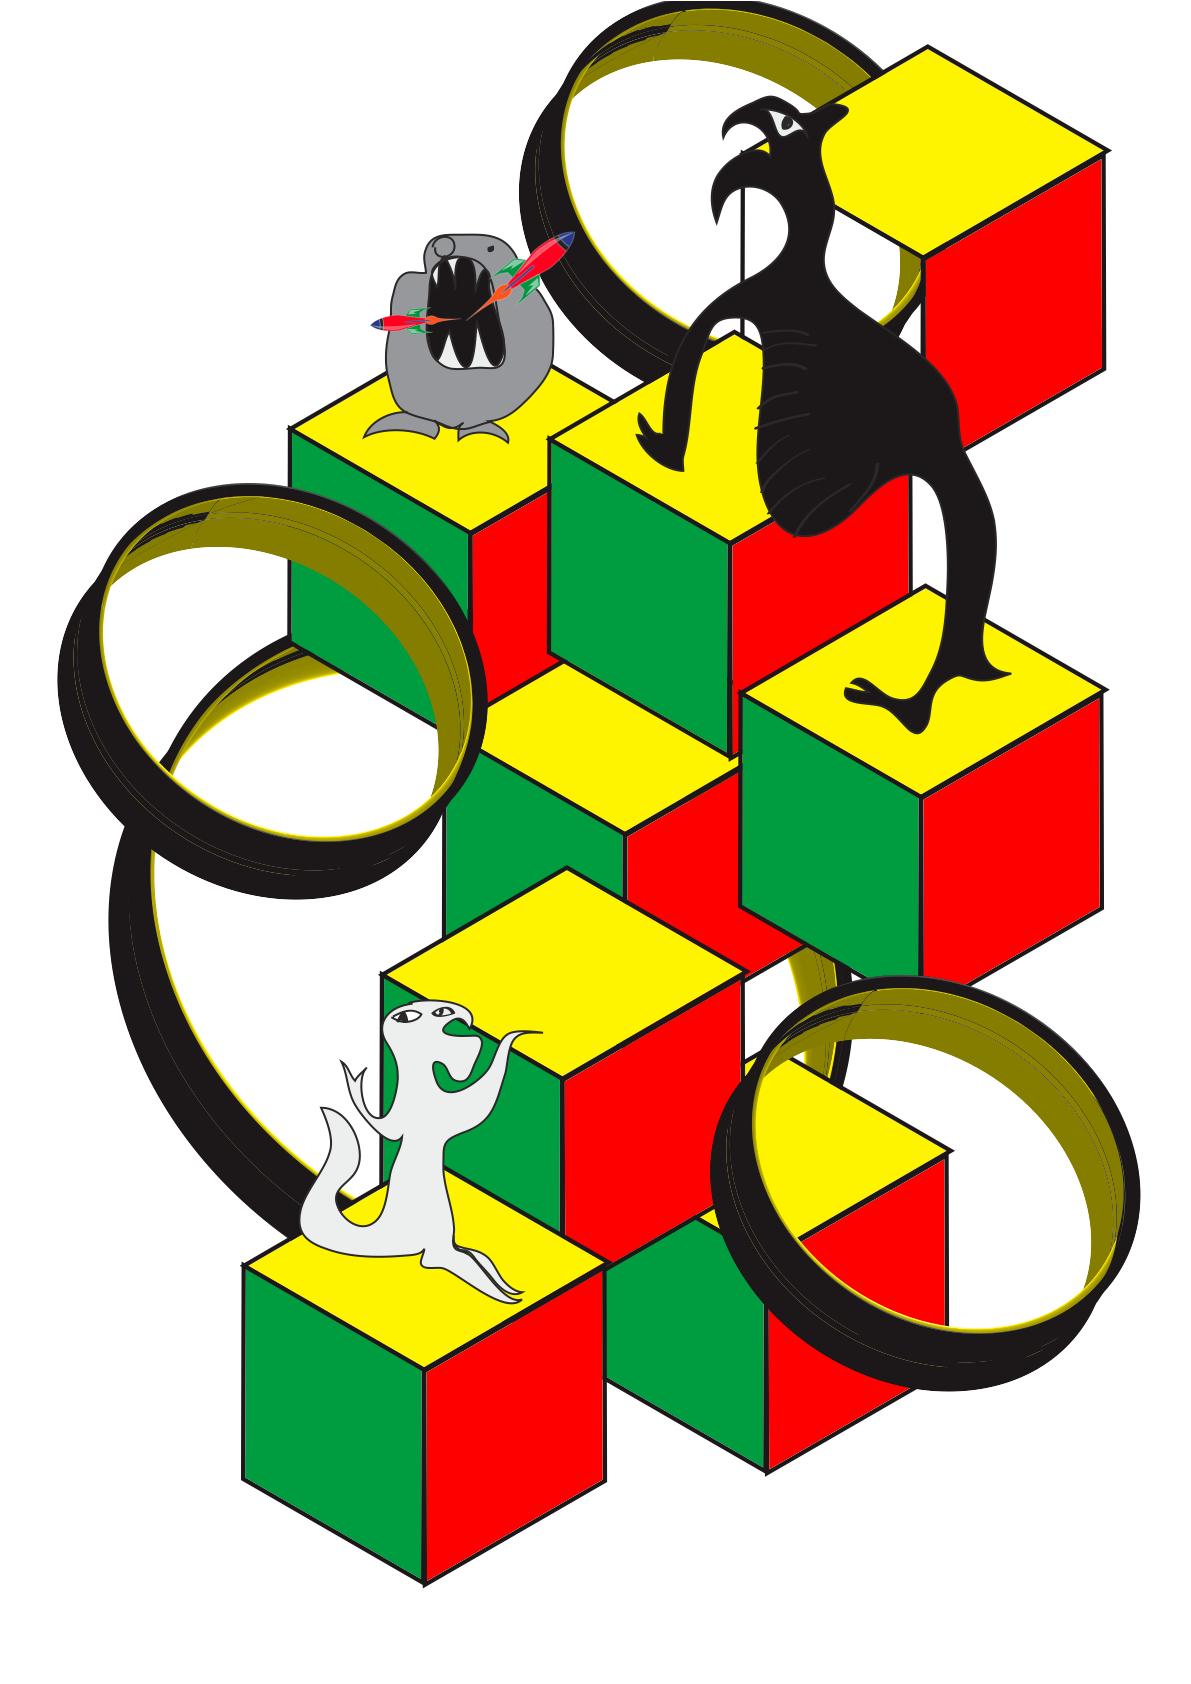 Mindless Cubes